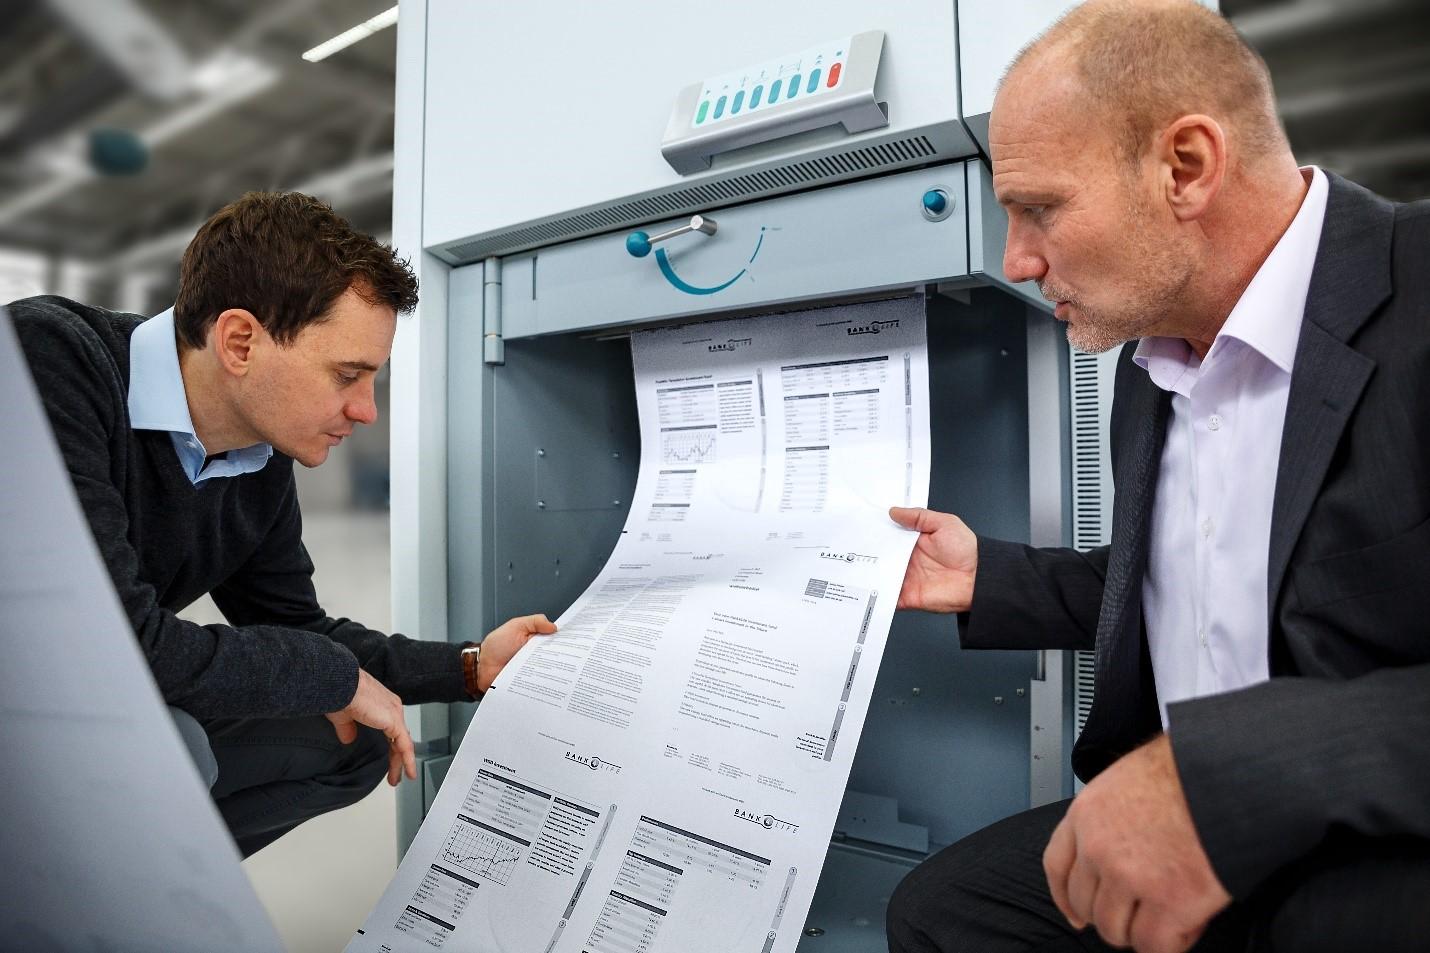 Офсетная печать — технология для больших тиражей